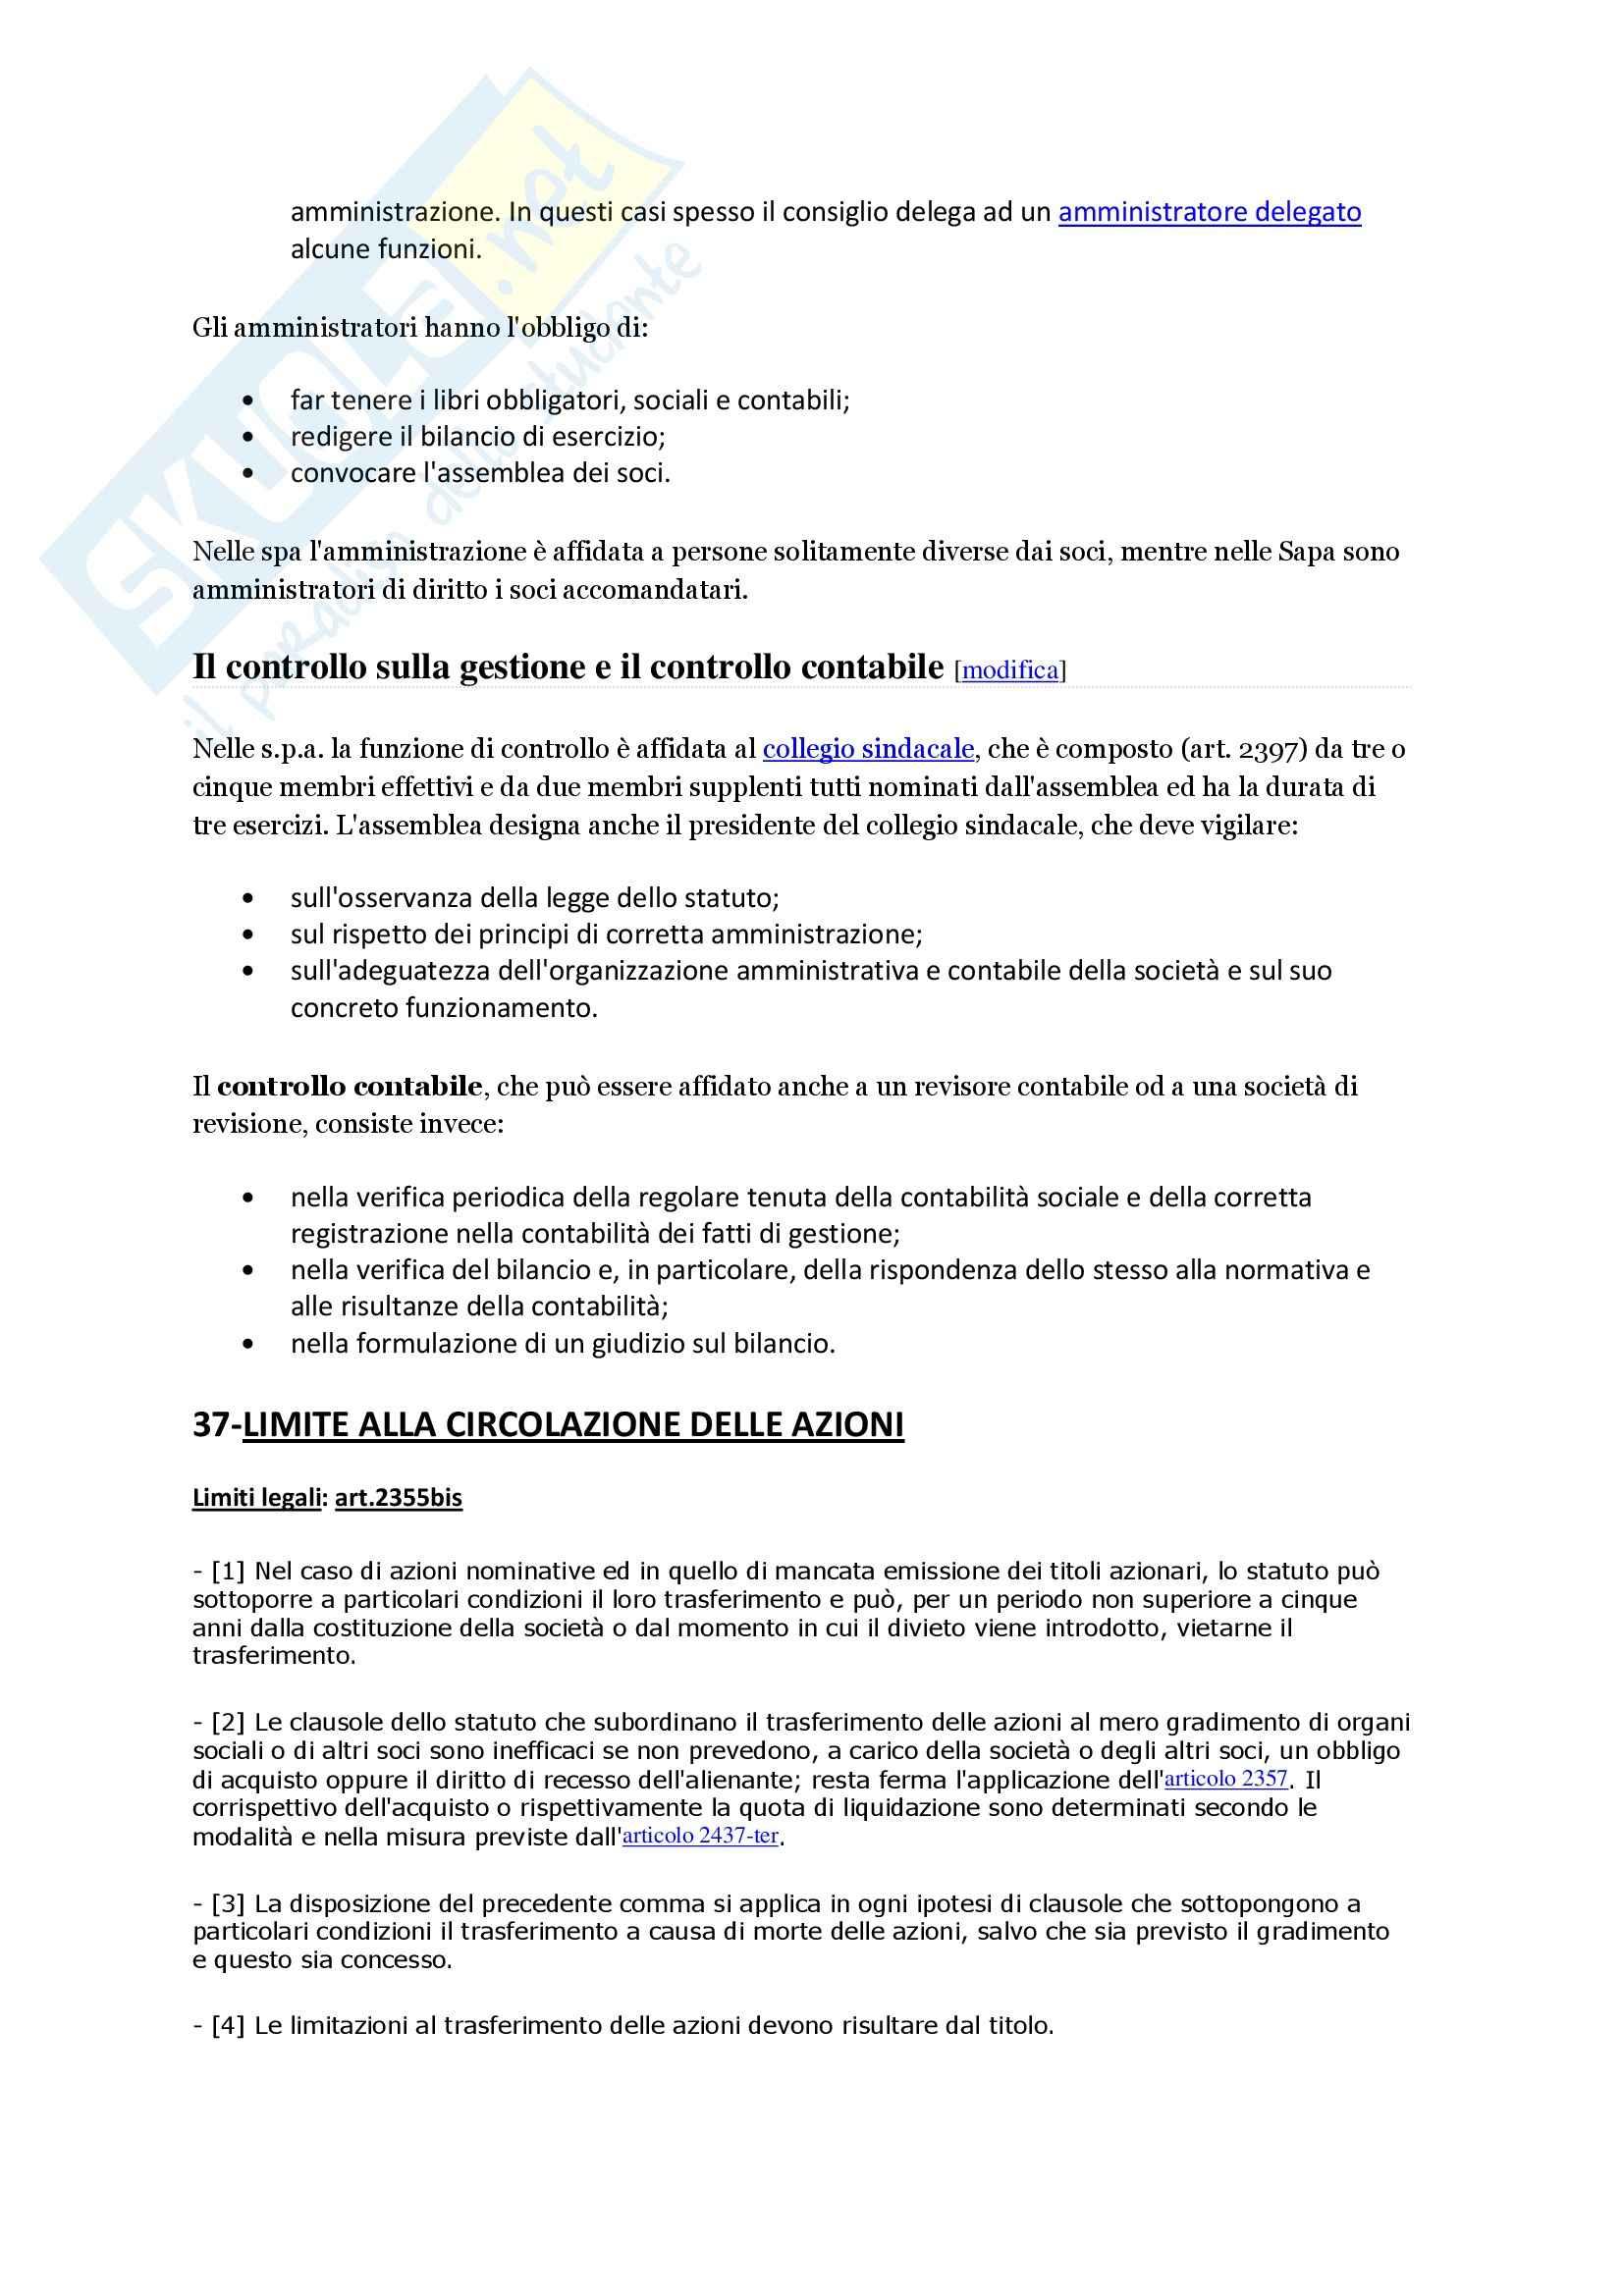 Diritto commerciale - Risposte e domande Pag. 21